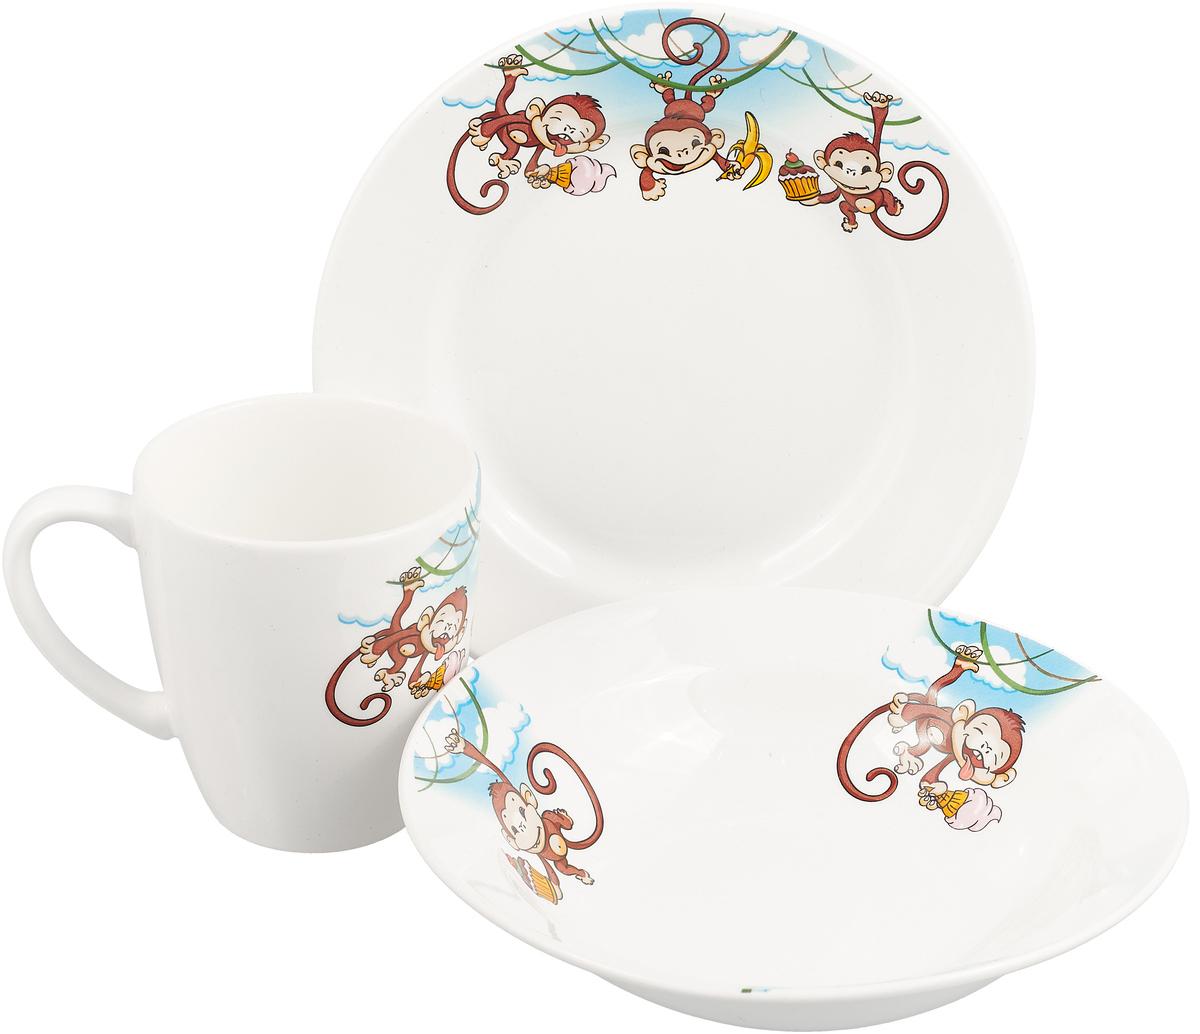 Кубаньфарфор Набор посуды для кормления Обезьянки 3 предмета вид 2 набор посуды travola с керамическим покрытием 3 предмета